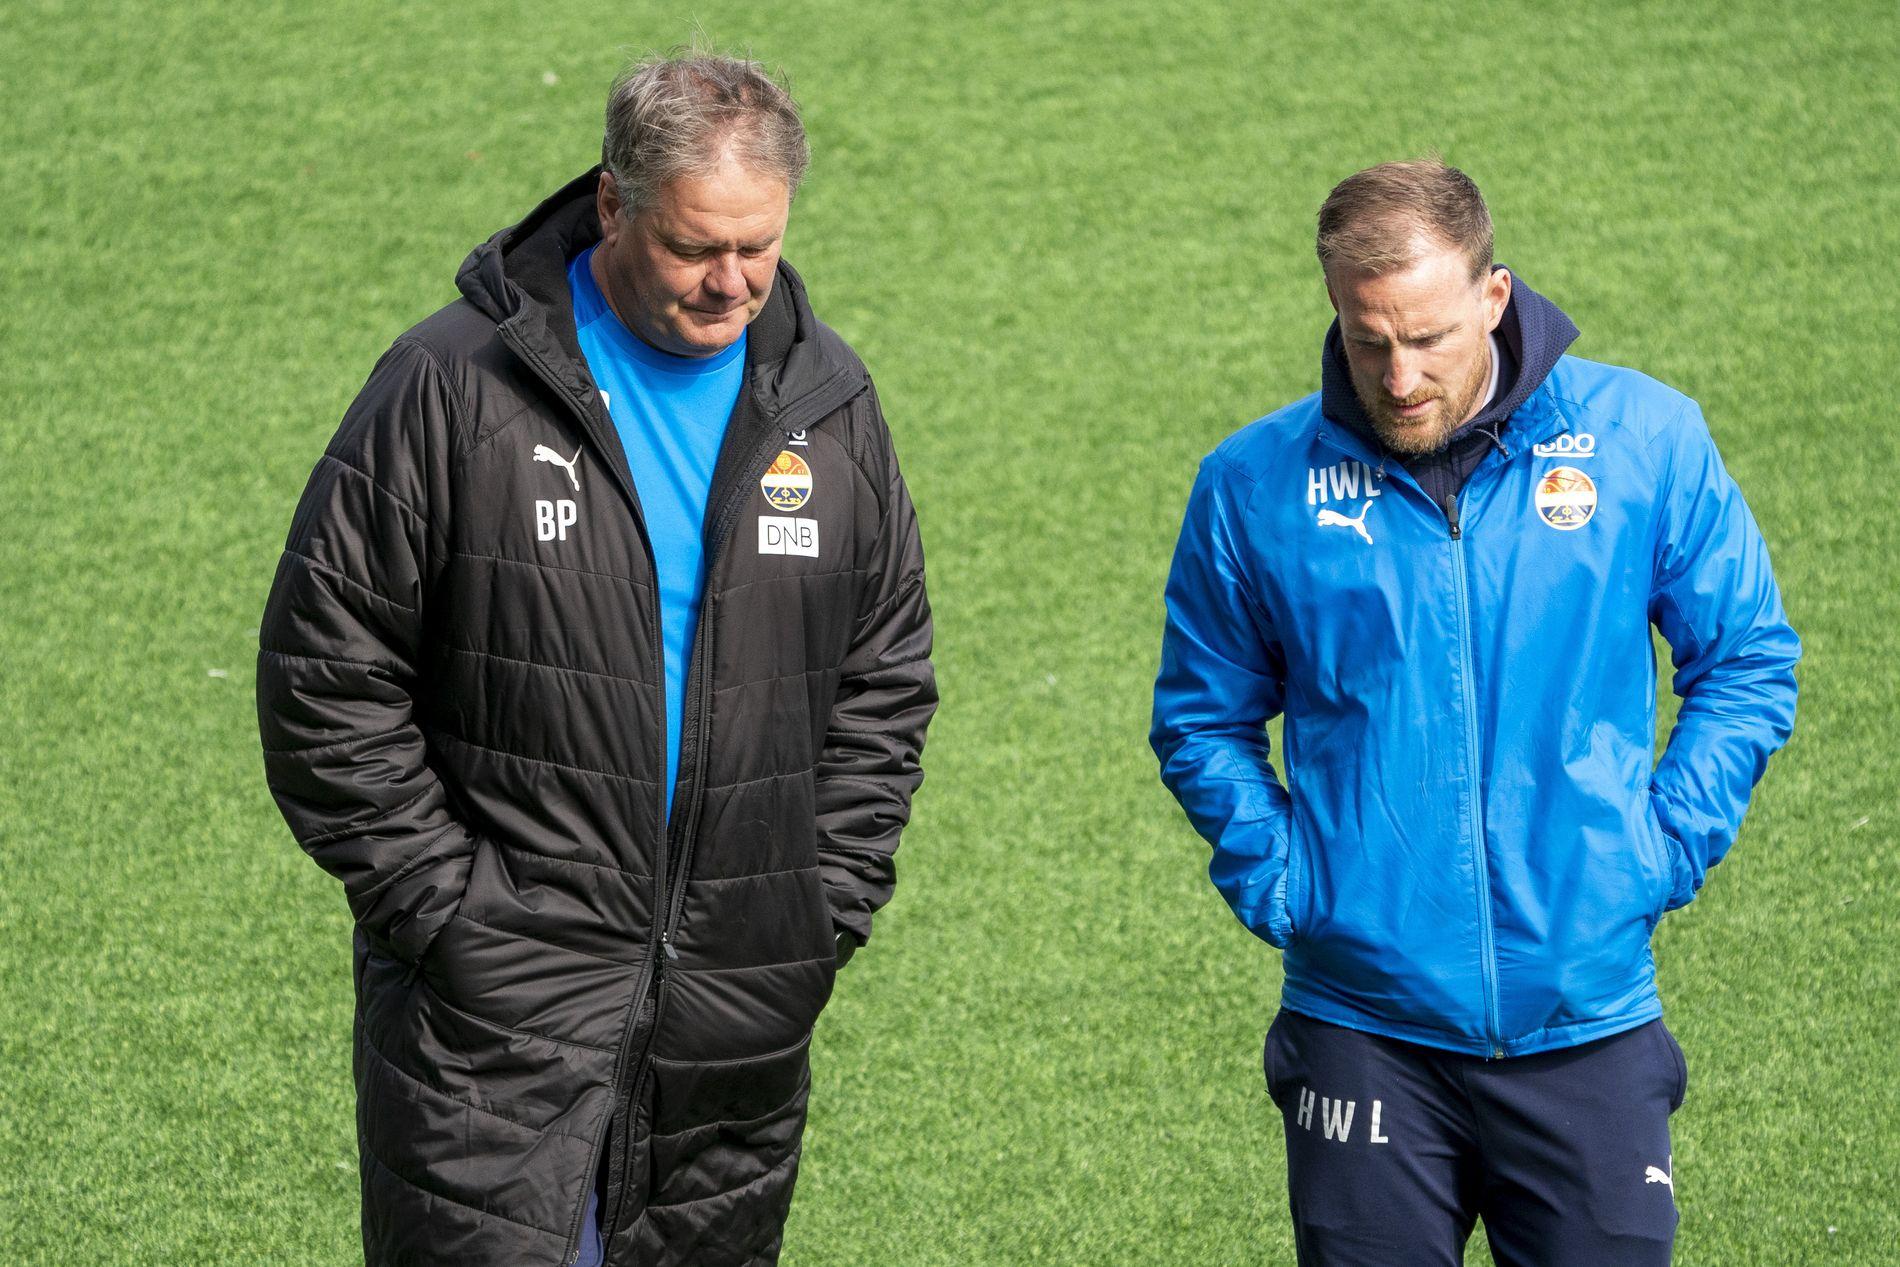 Fredrikstad forverret Godset-krisen: – Slag i ansiktet